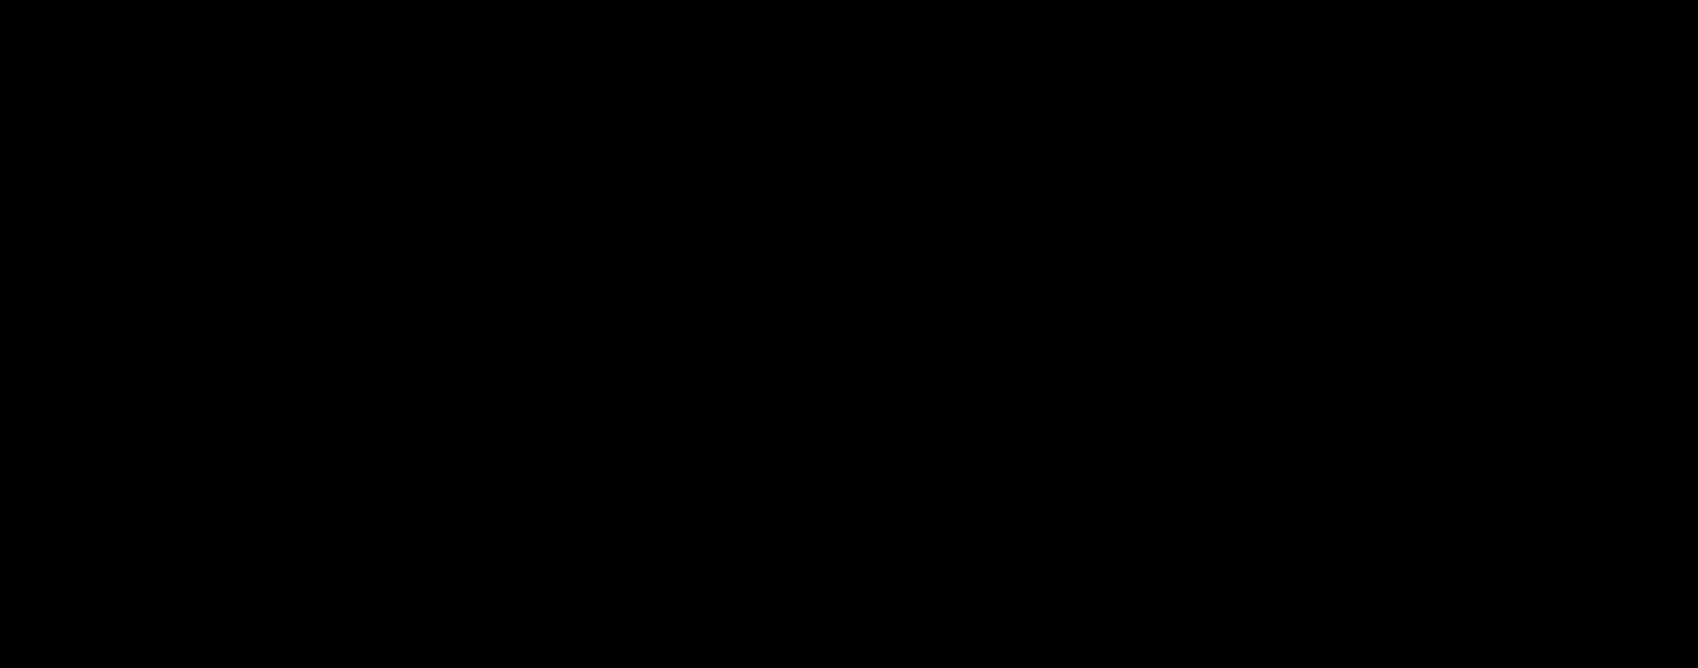 p-Acetamidophenyl-d<sub>4 </sub>β-D-glucuronide